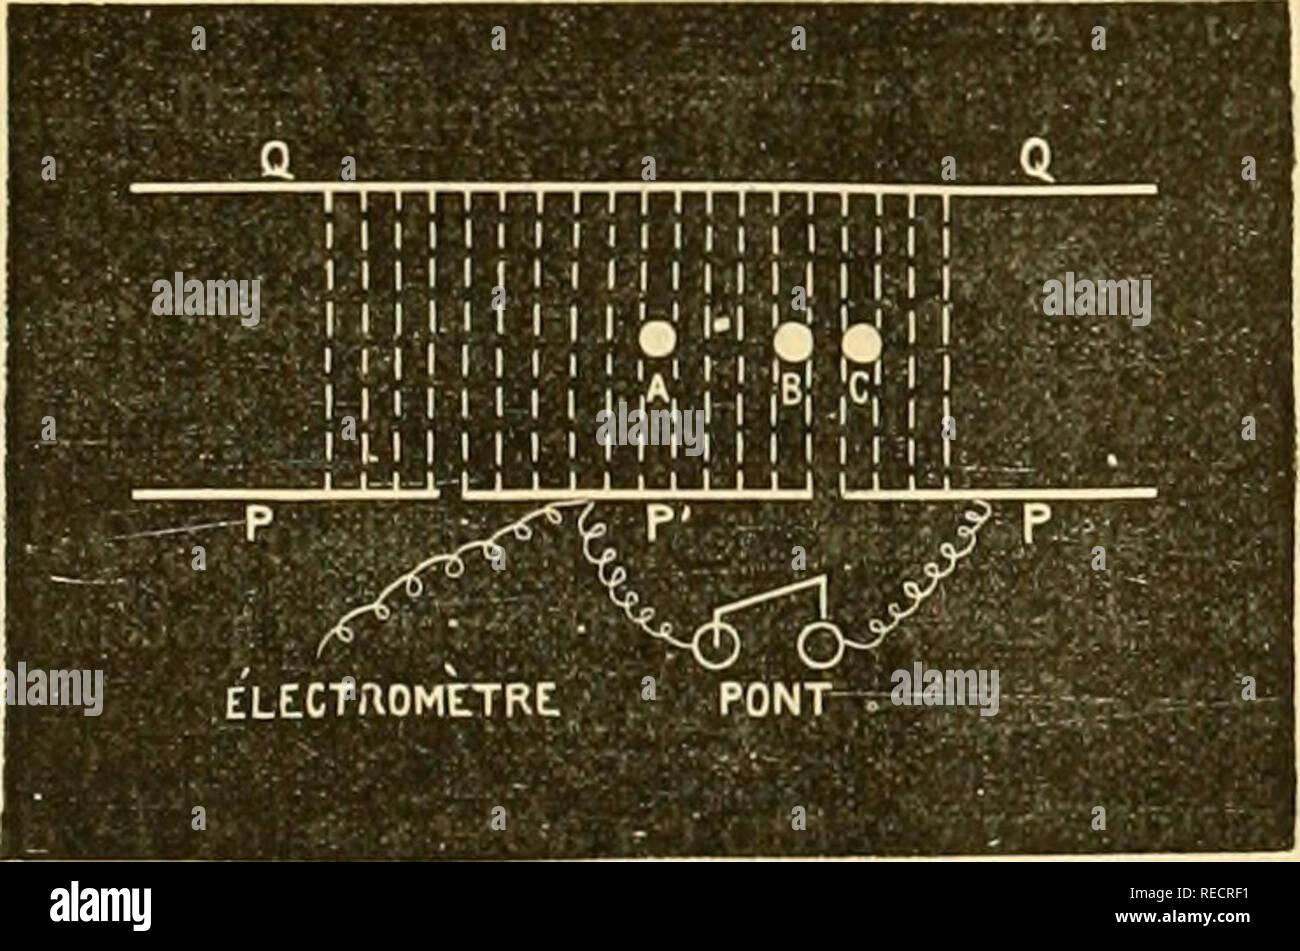 """. Comptesrendusheb1231181896acad. es naturelles. ( 35i ) PHYSIQUE. RÃ'le du diélectrique dans la décharge par les rayons de RÃ'ntgen. Remarque de M. Jean Perrin, présentée par M. Mascart. &Lt;( En étudiant la décharge d'un corps électrisé par les rayons de Rontgen, on peut y dégager un phénomà ne¨qui précise le rÃ'le du diélectrique envi- ronnant. J'ai déjà publié sur ce point quelques résultats qualitatifs; après les avoir résumés, j'aborderai ici l'étude de ce quantitative phénomène. Â"""" I. Il est facile de vérifier que les rayons X peuvent décharger en quelques secondes Banque D'Images"""